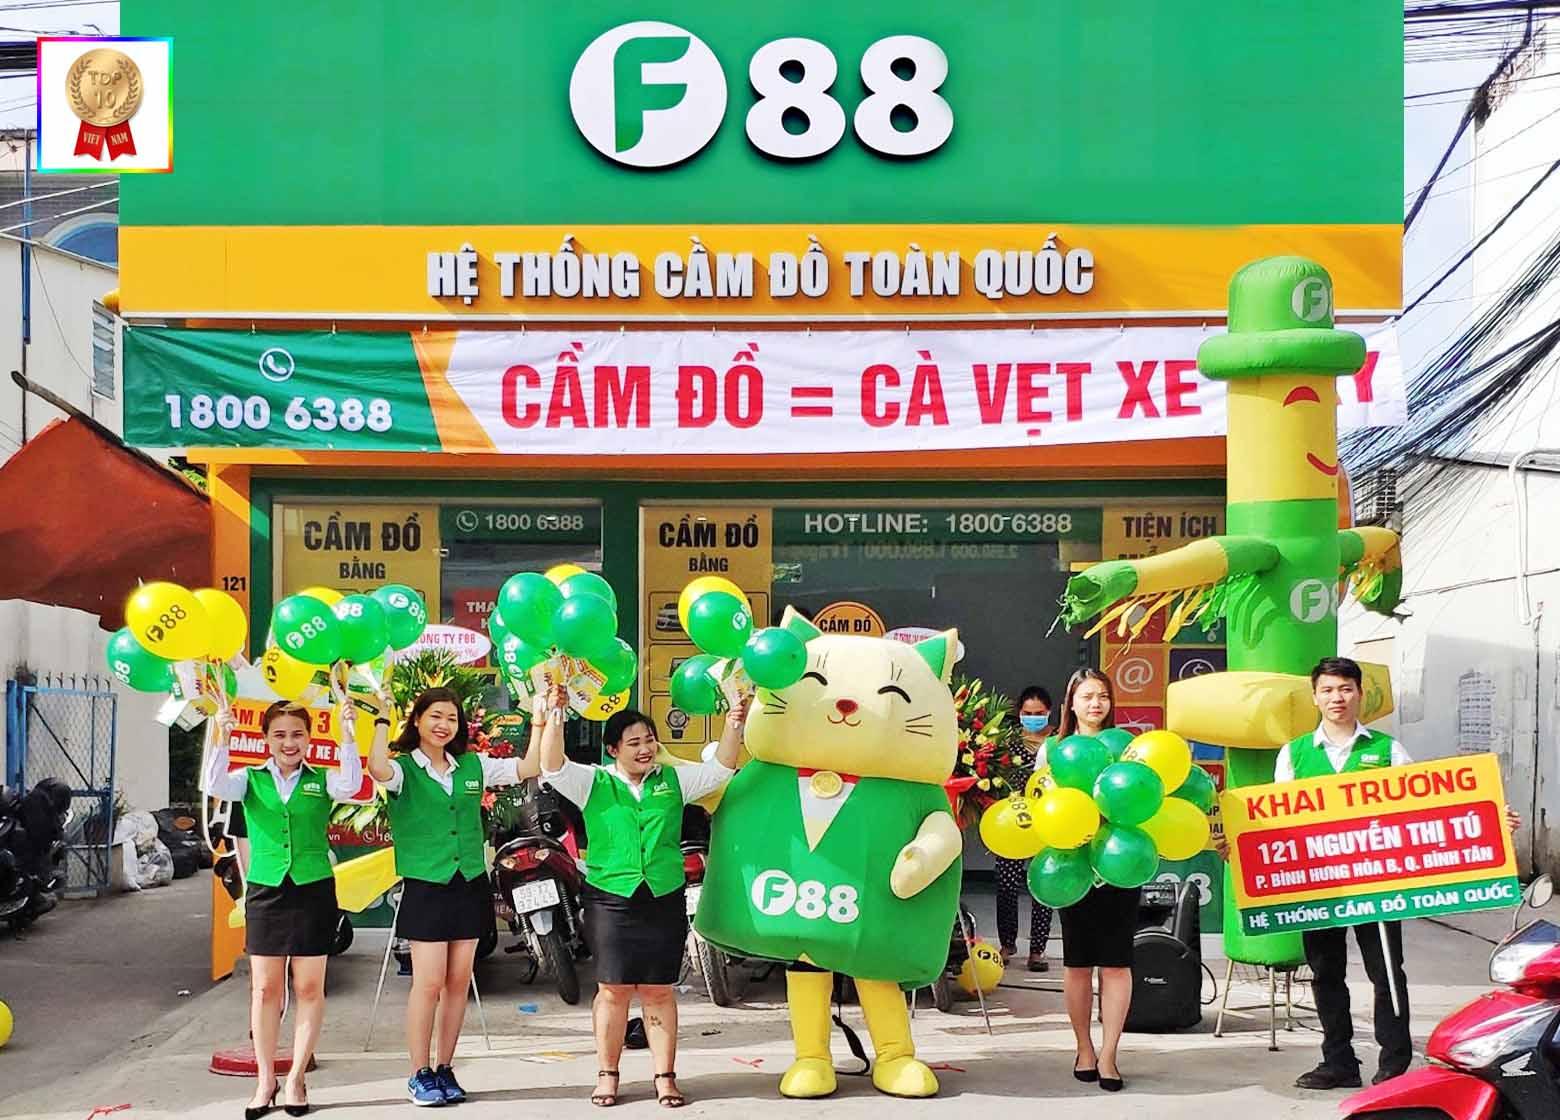 cam-do-f88